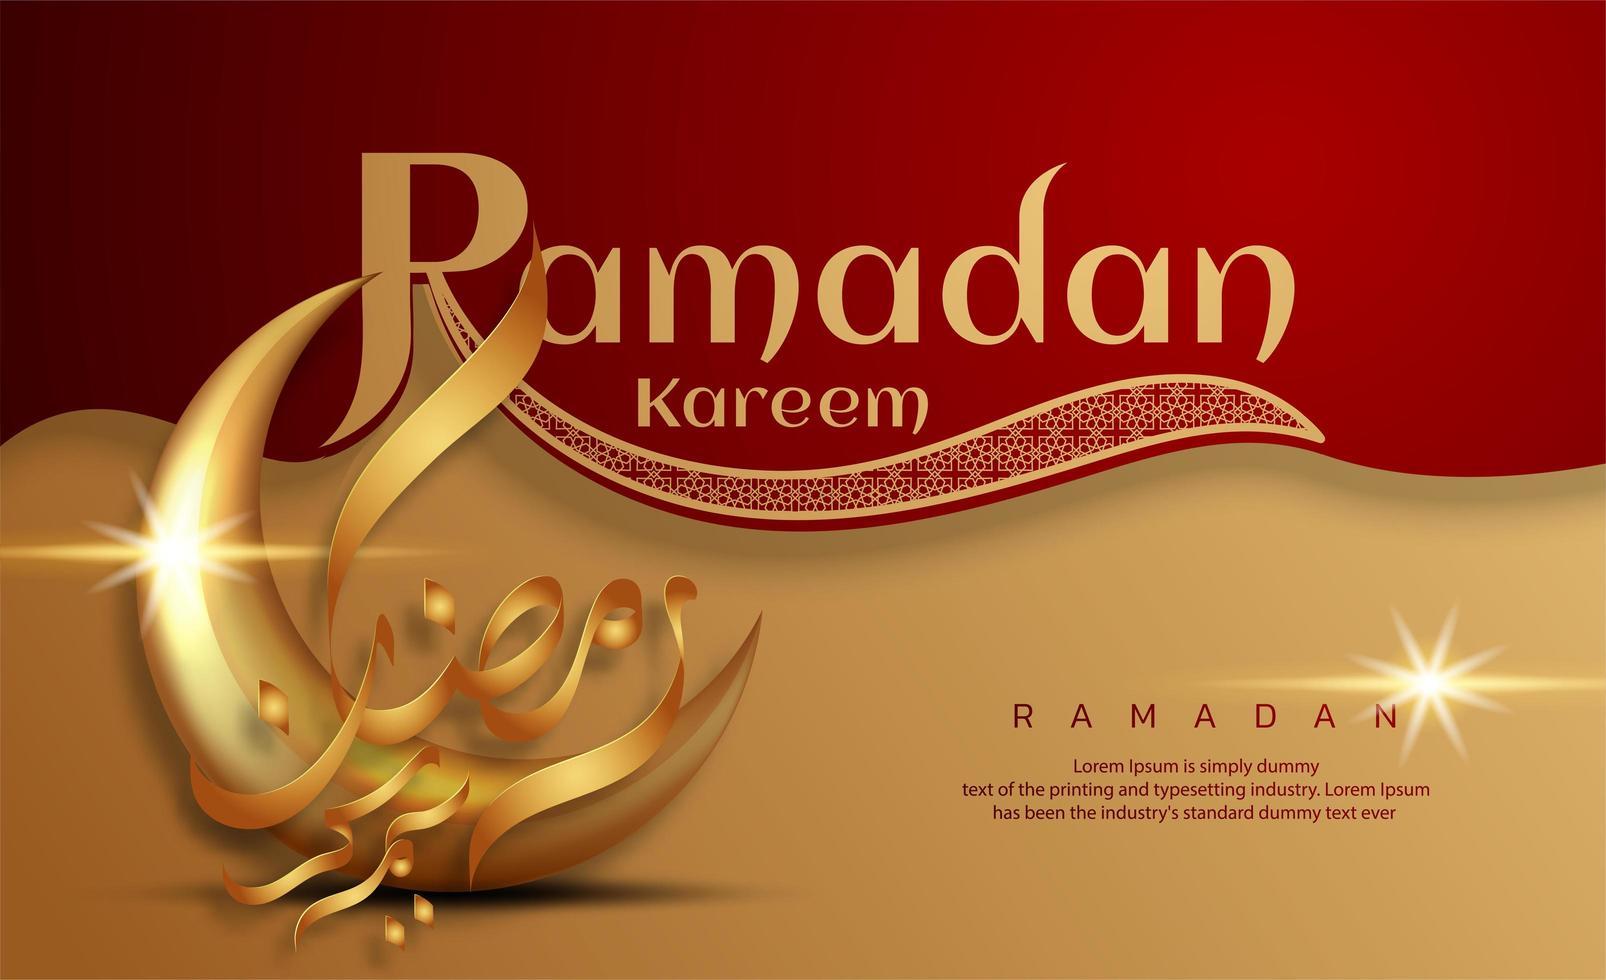 Ramadan Kareem rosso e oro con calligrafia a mezzaluna vettore